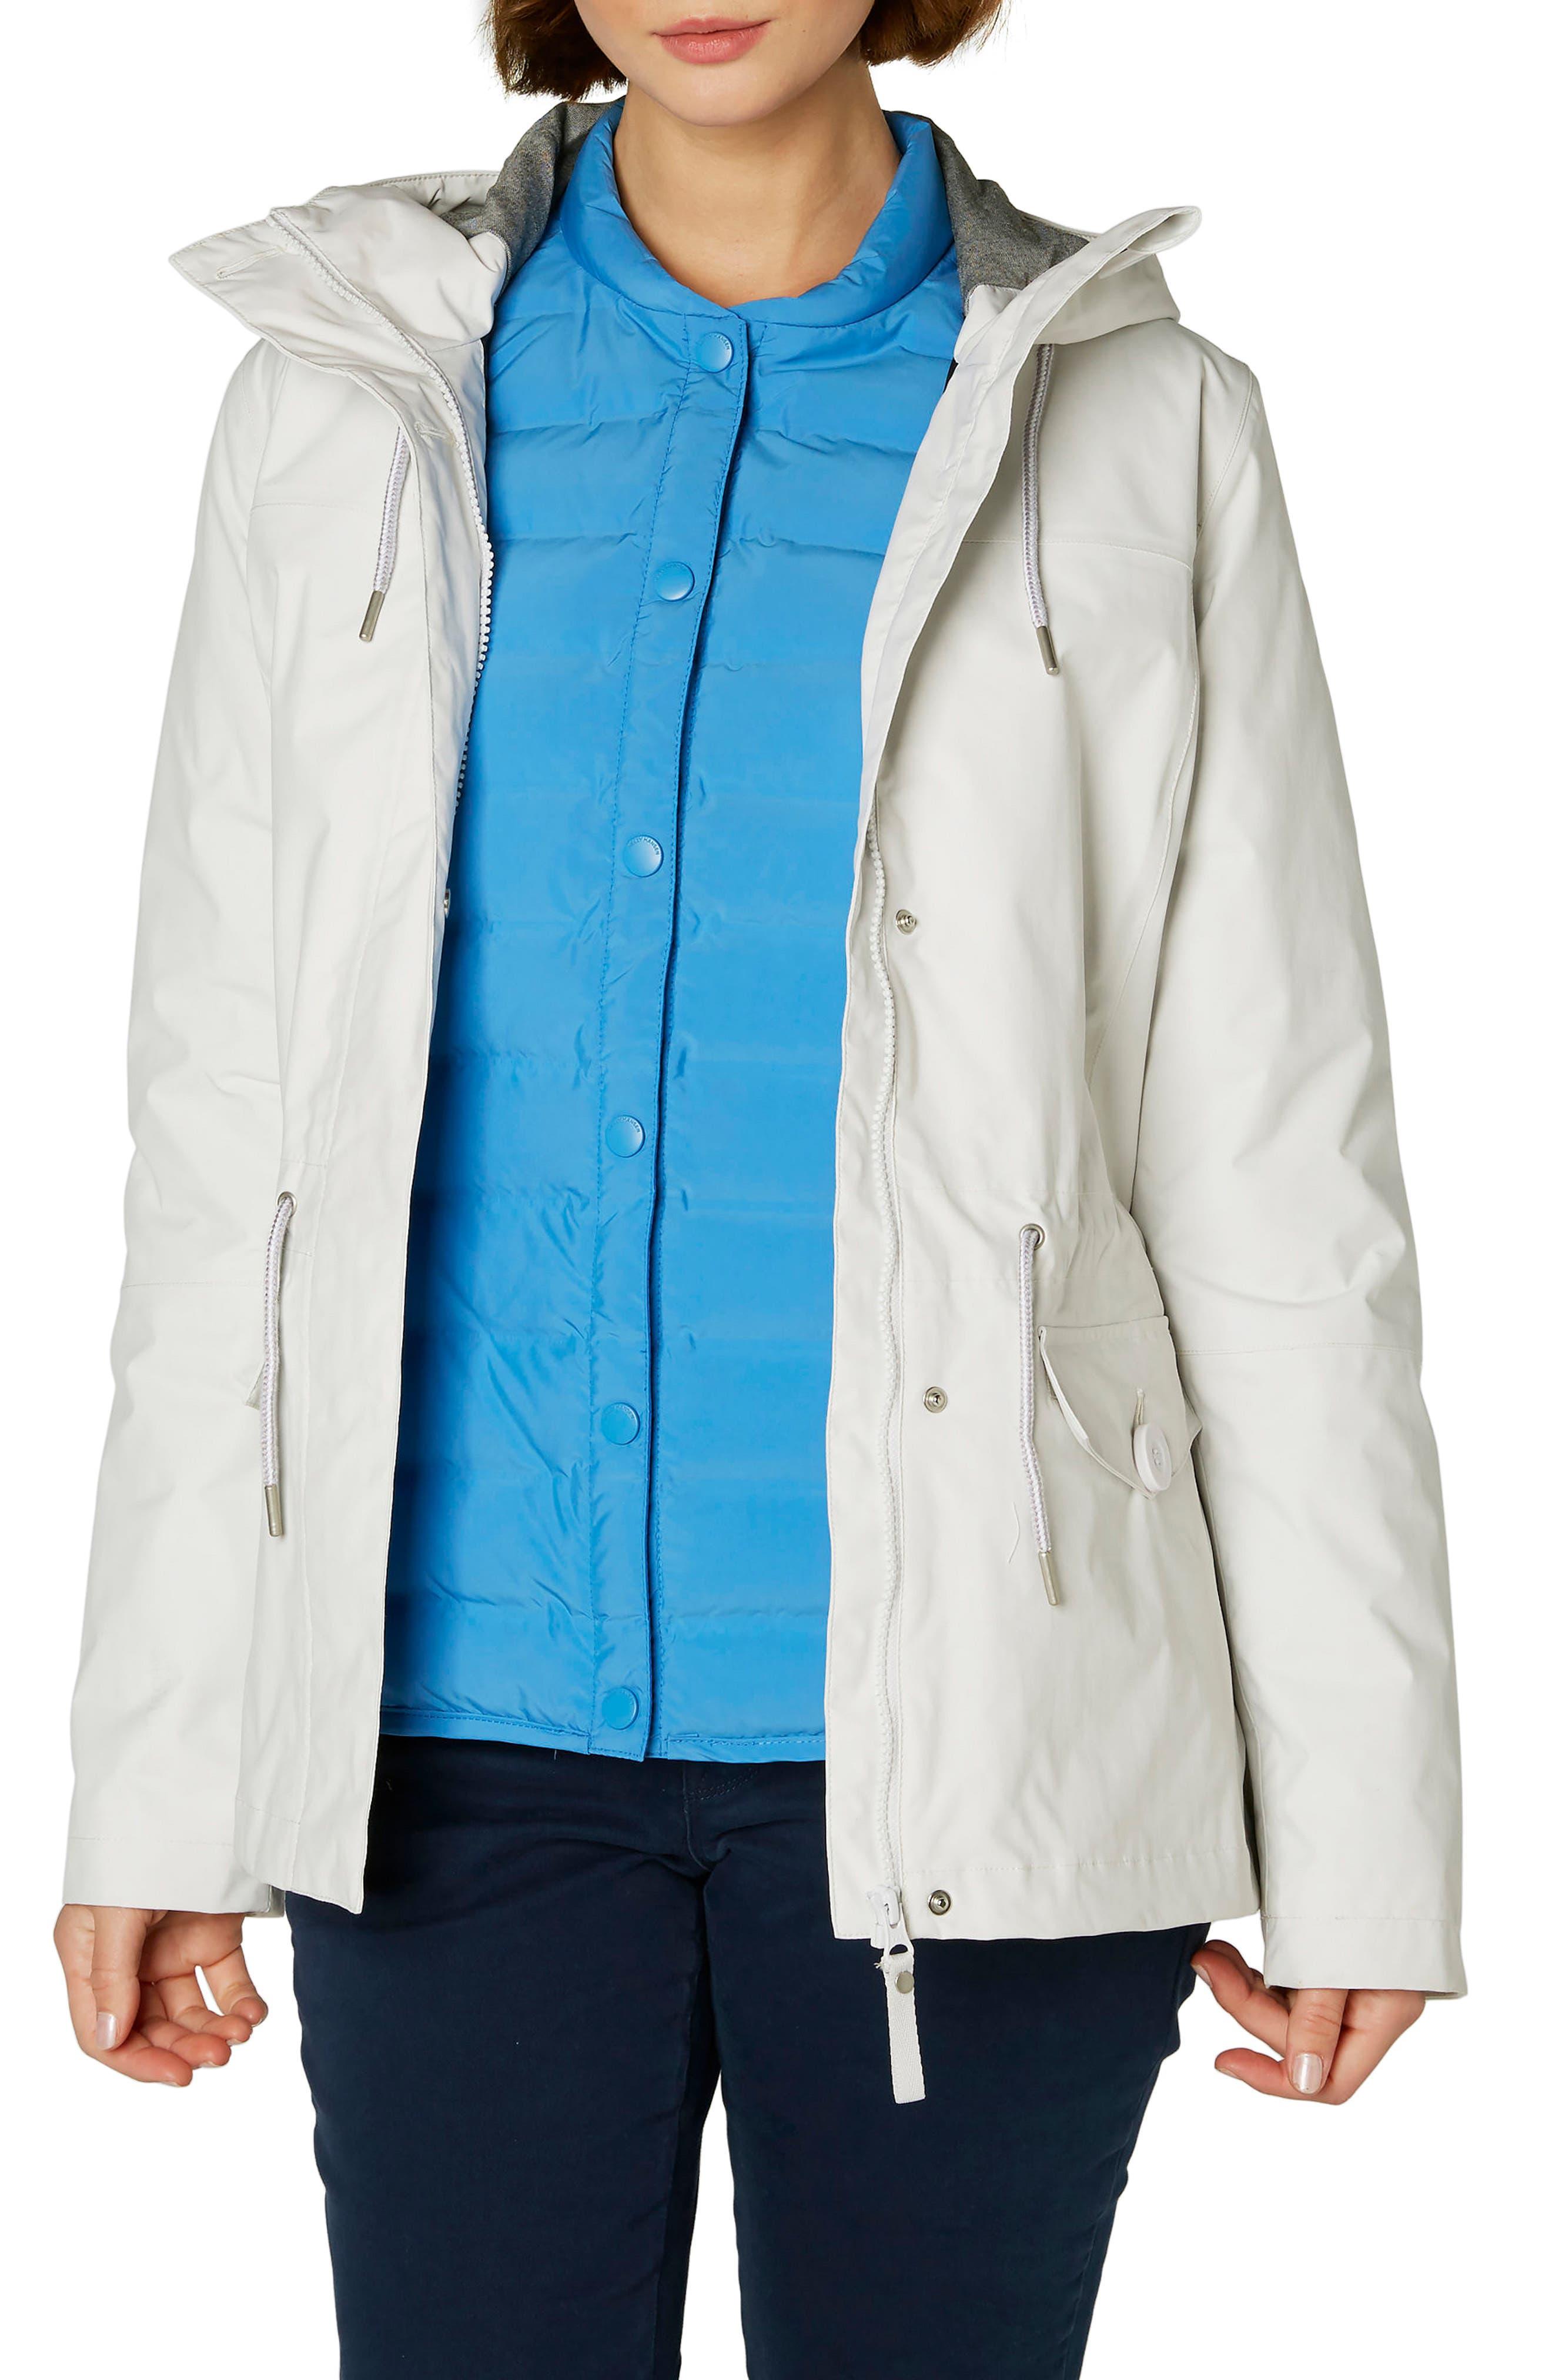 Elements Hooded Rain Jacket,                             Main thumbnail 1, color,                             123